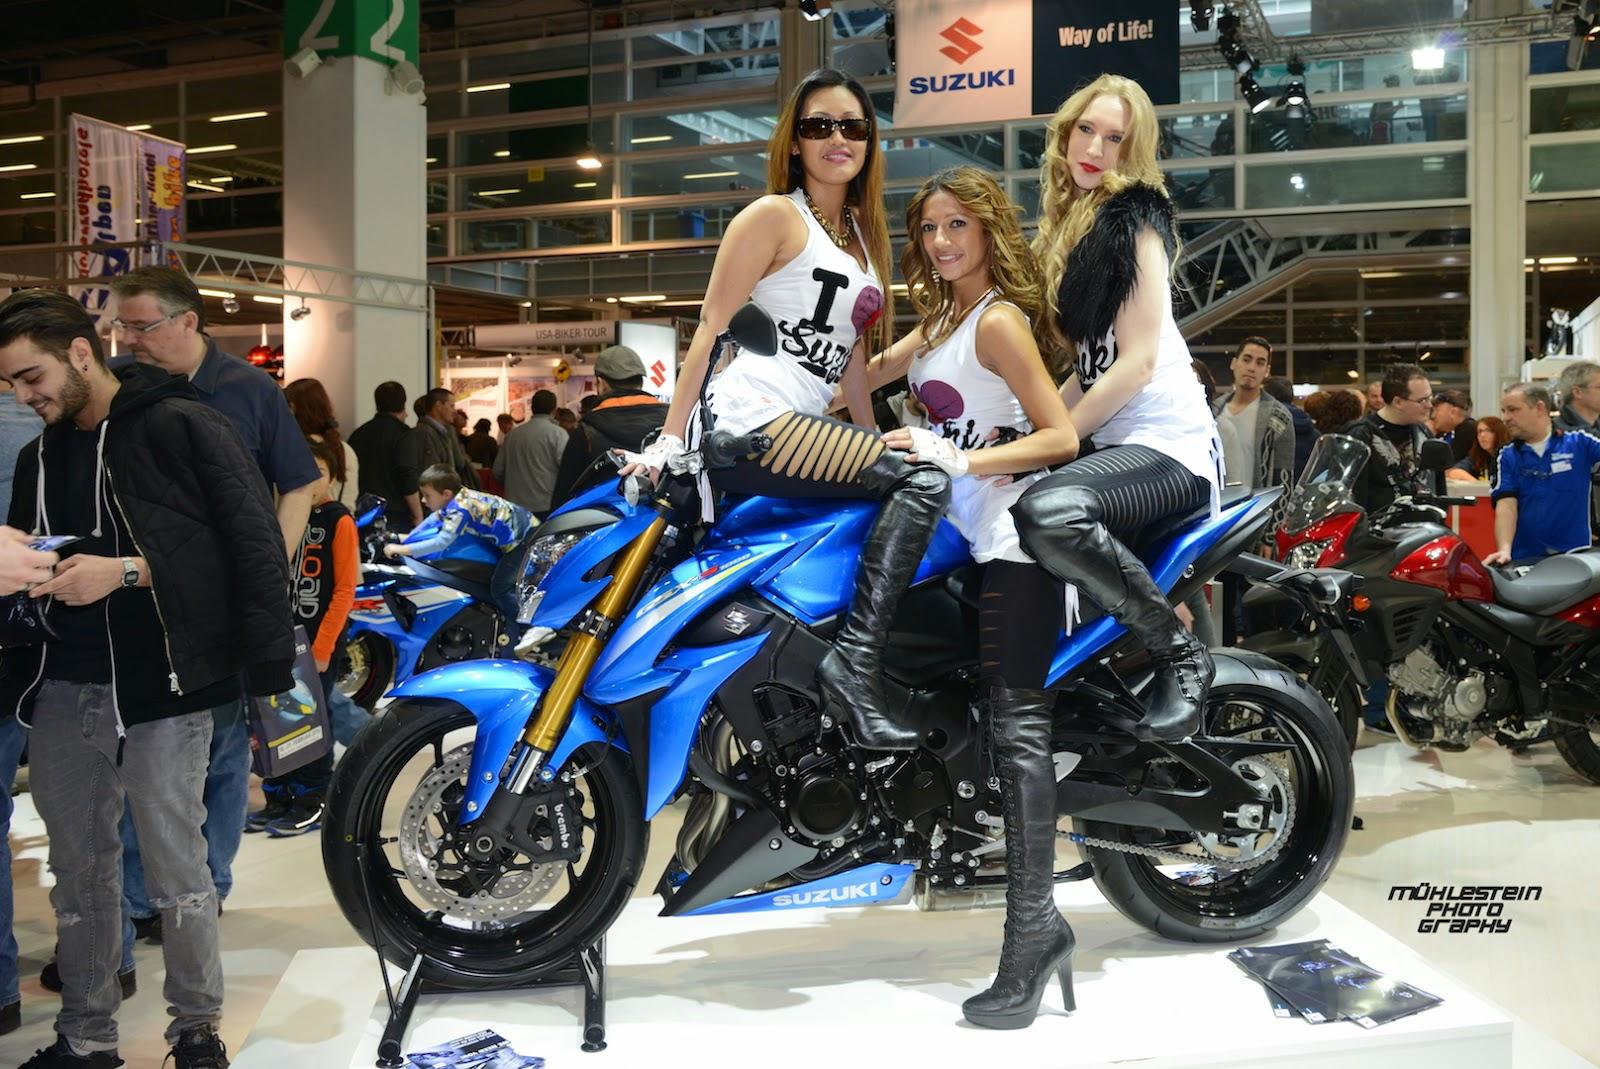 swiss moto 2015_swiss custom customizing tuning show_suzuki girls - Moto Tuning